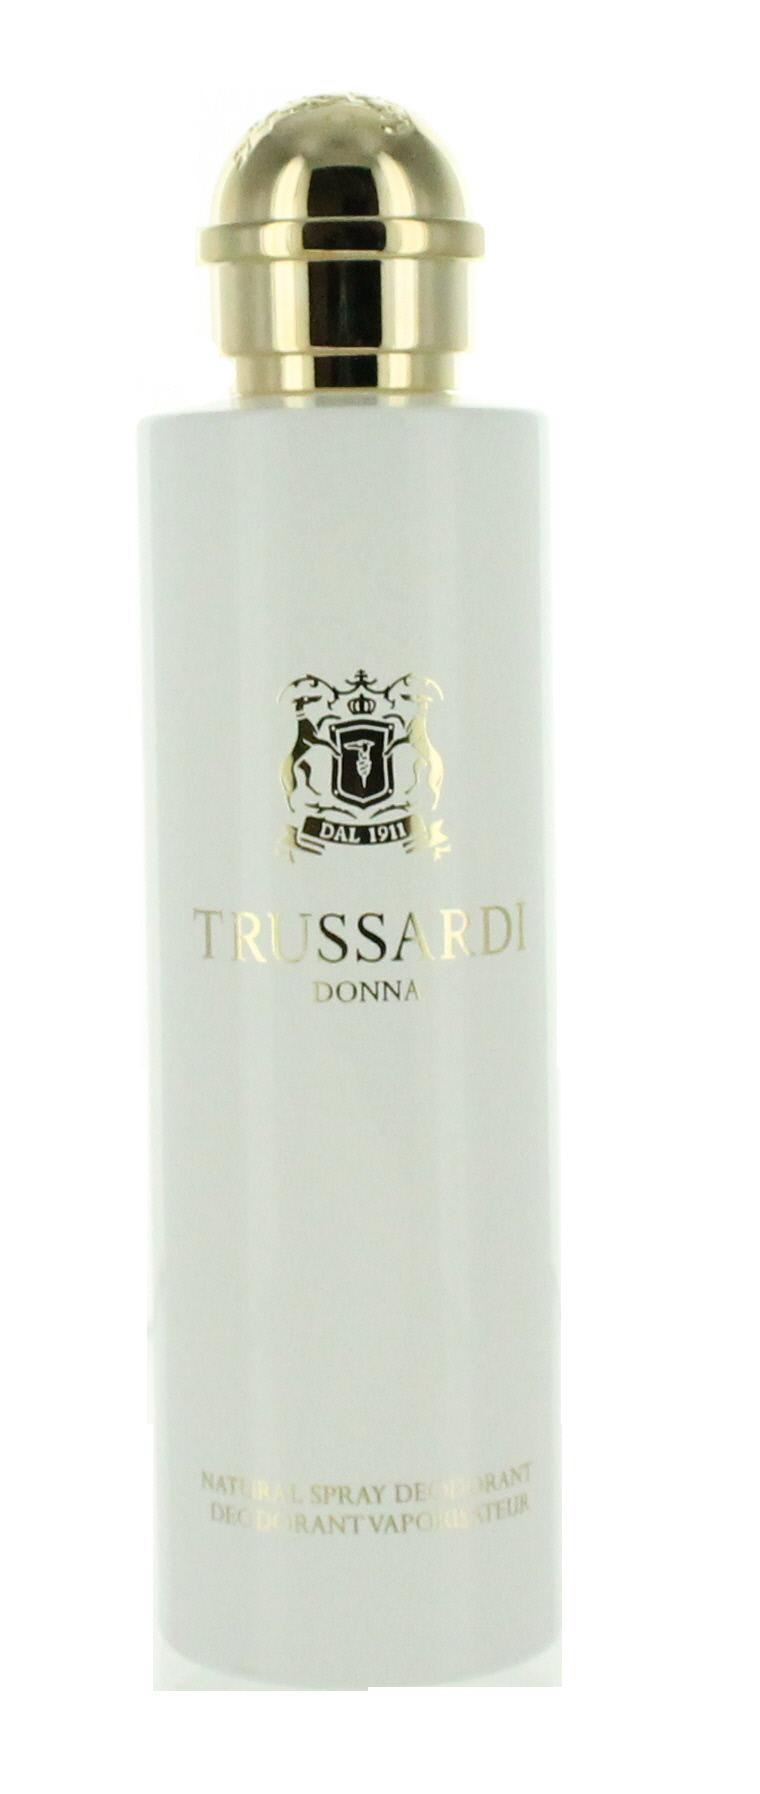 Image of Trussardi Donna (W) Deodorant Spray 3.4oz